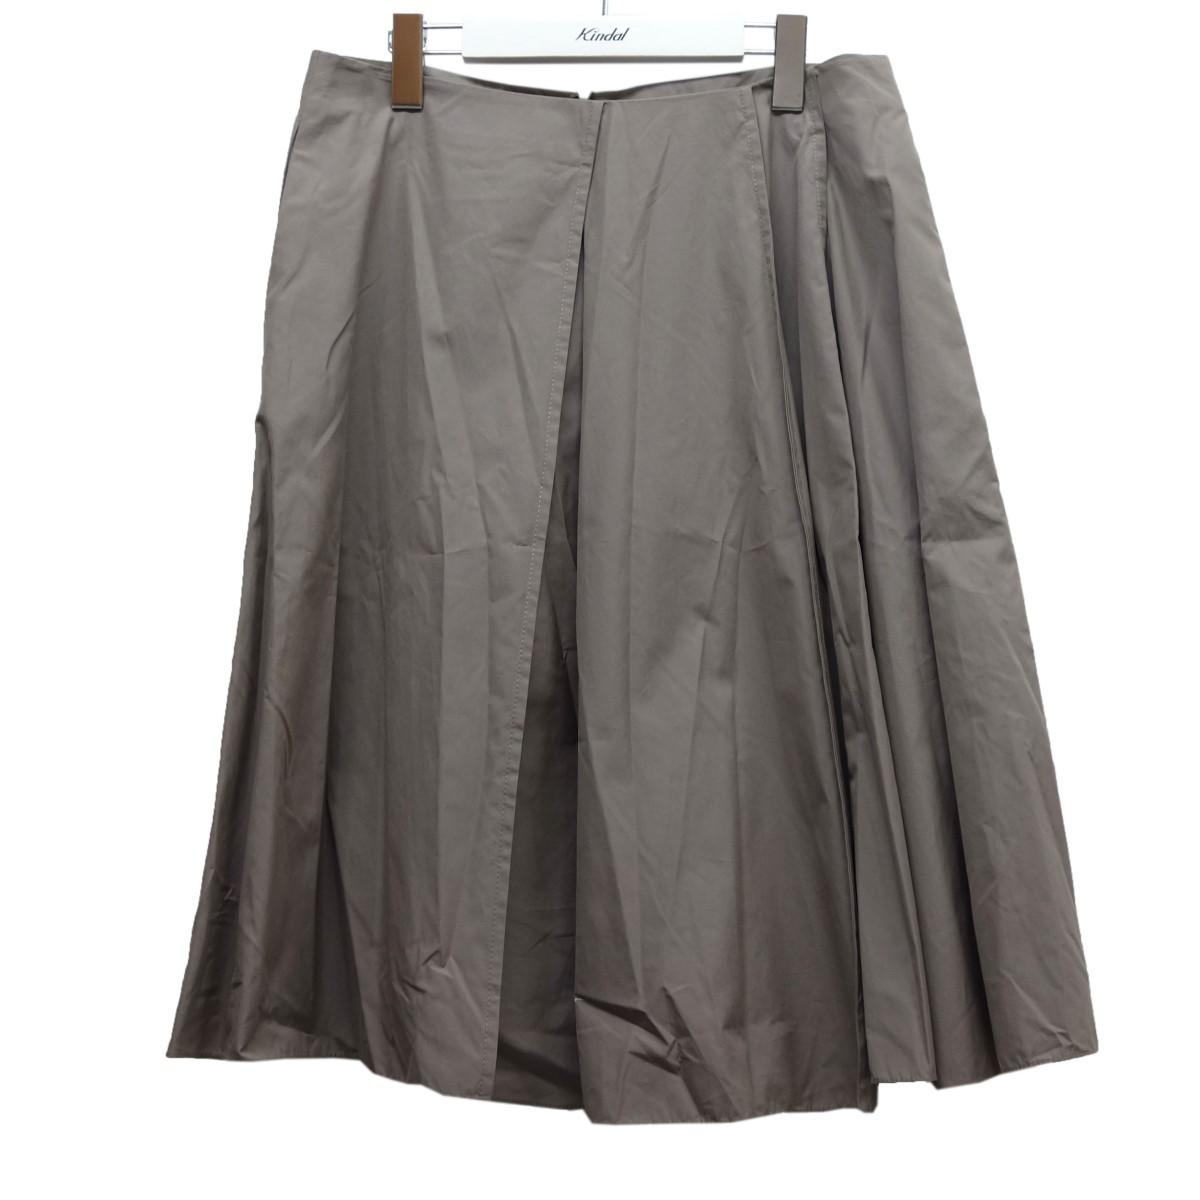 【中古】JIL SANDER 17SS タックフレアスカート グレー サイズ:38 【130820】(ジルサンダー)